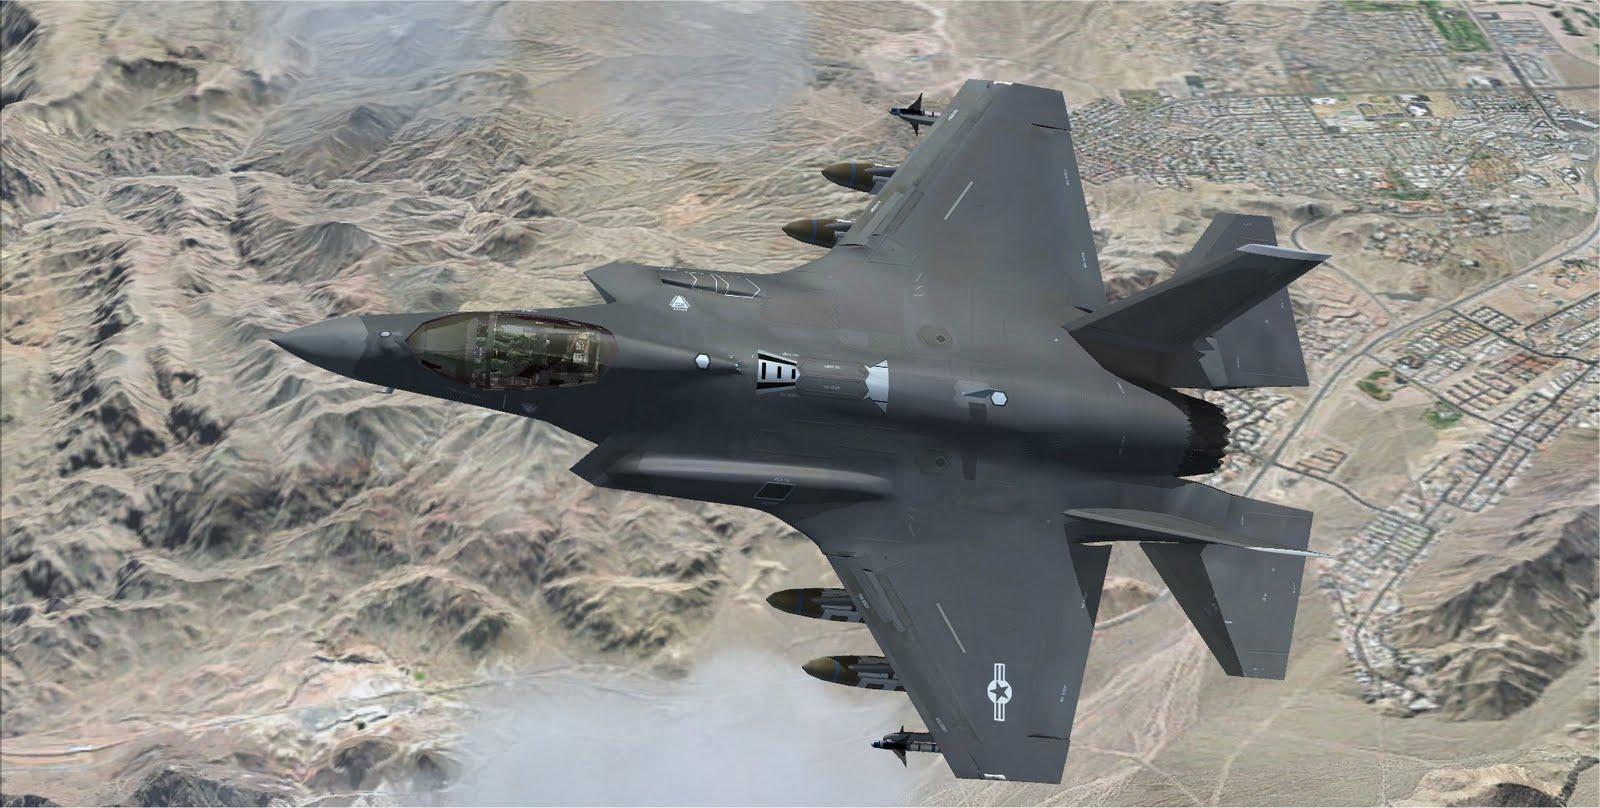 Gli F-35 arrivano in Medio Oriente. Ecco come gli Usa si rafforzano